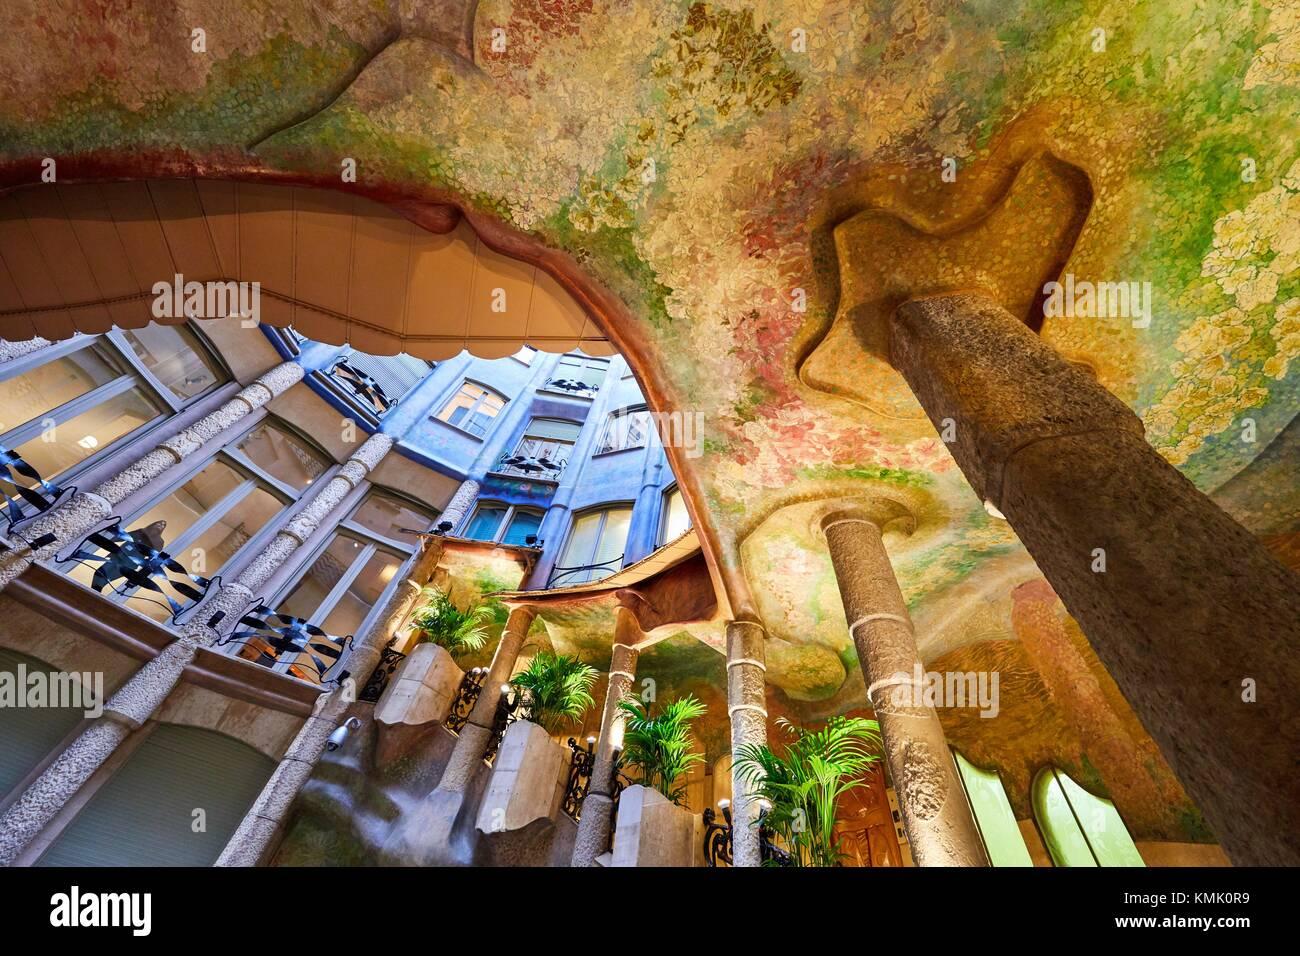 Patio, Casa Mila, edificio de La Pedrera, de Antoni Gaudí, Barcelona, Cataluña, España Imagen De Stock